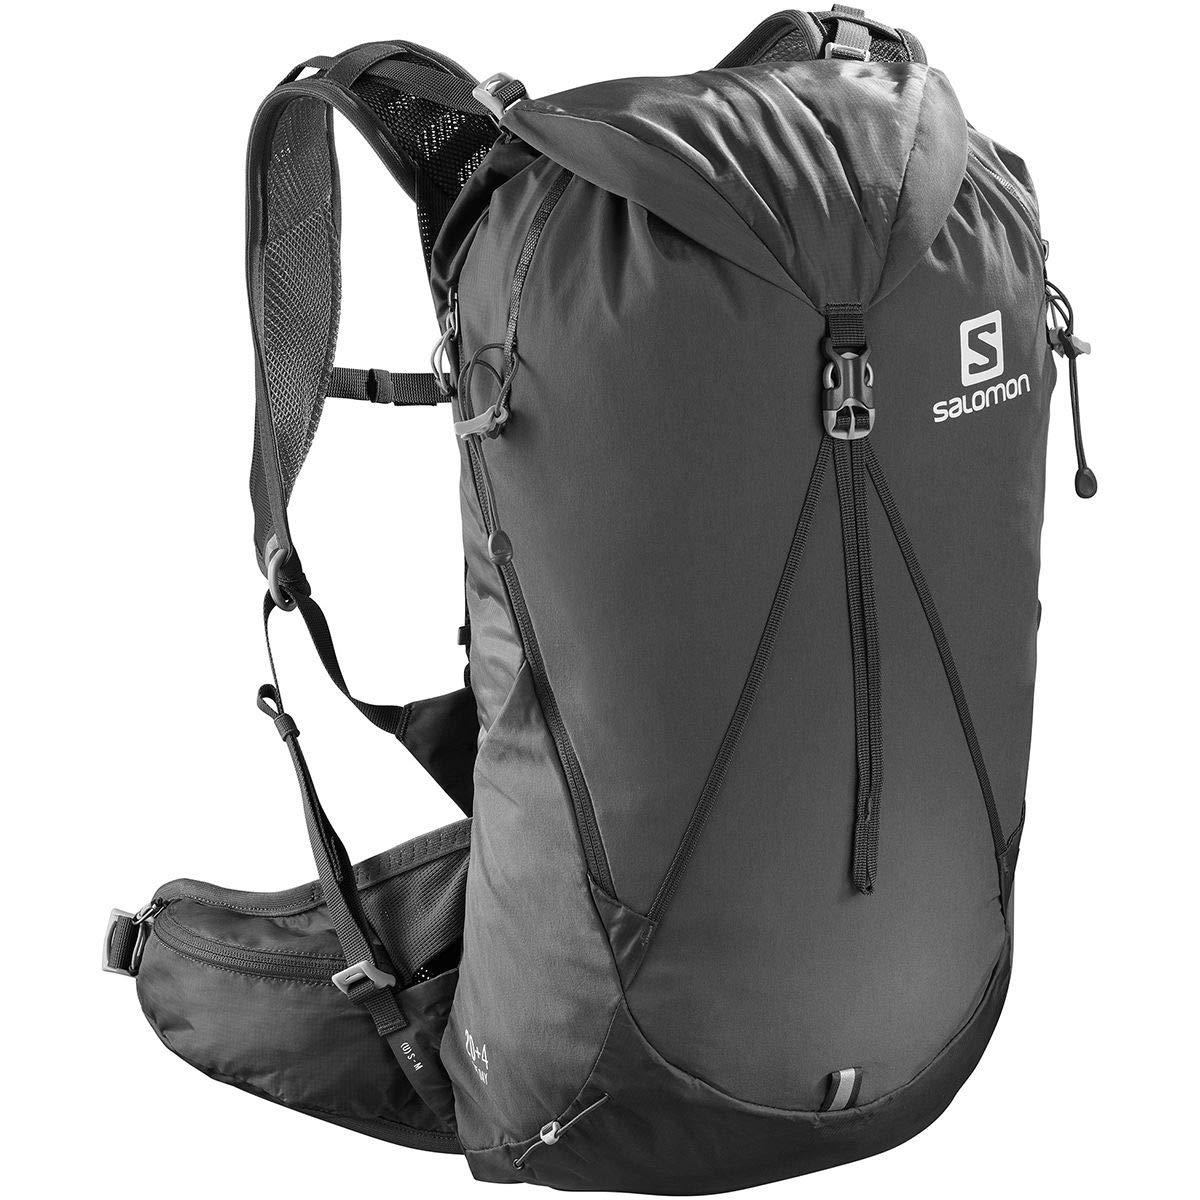 [サロモン] メンズ バックパックリュックサック Out Day 20L+4L Backpack [並行輸入品] B07P41ZV7J  Small / Medium